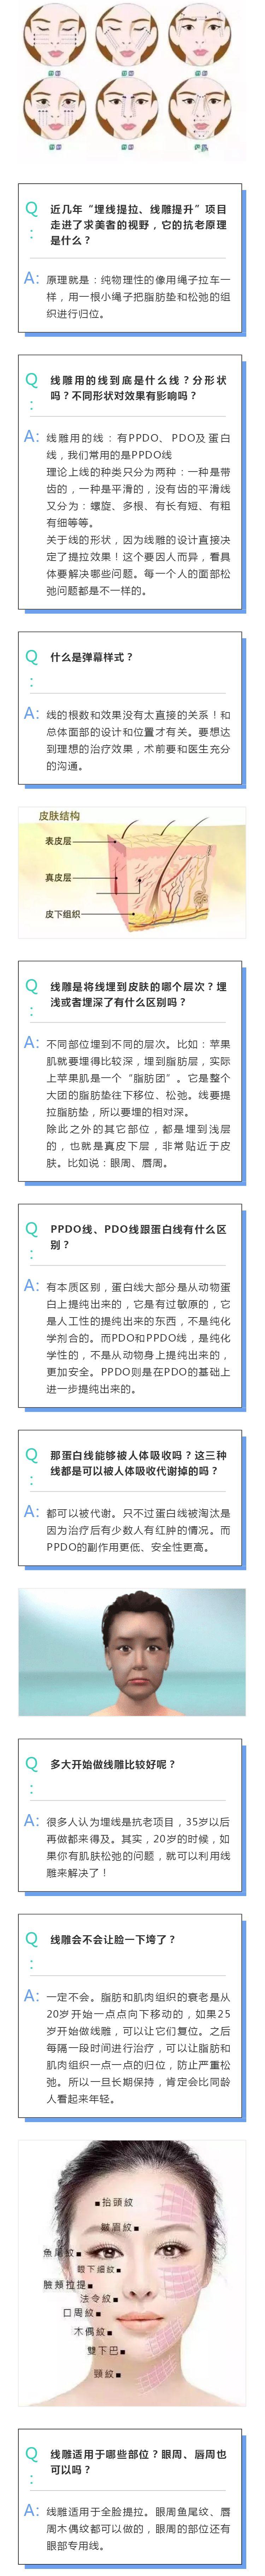 上海美莱|关于线雕18个问题最全讲解